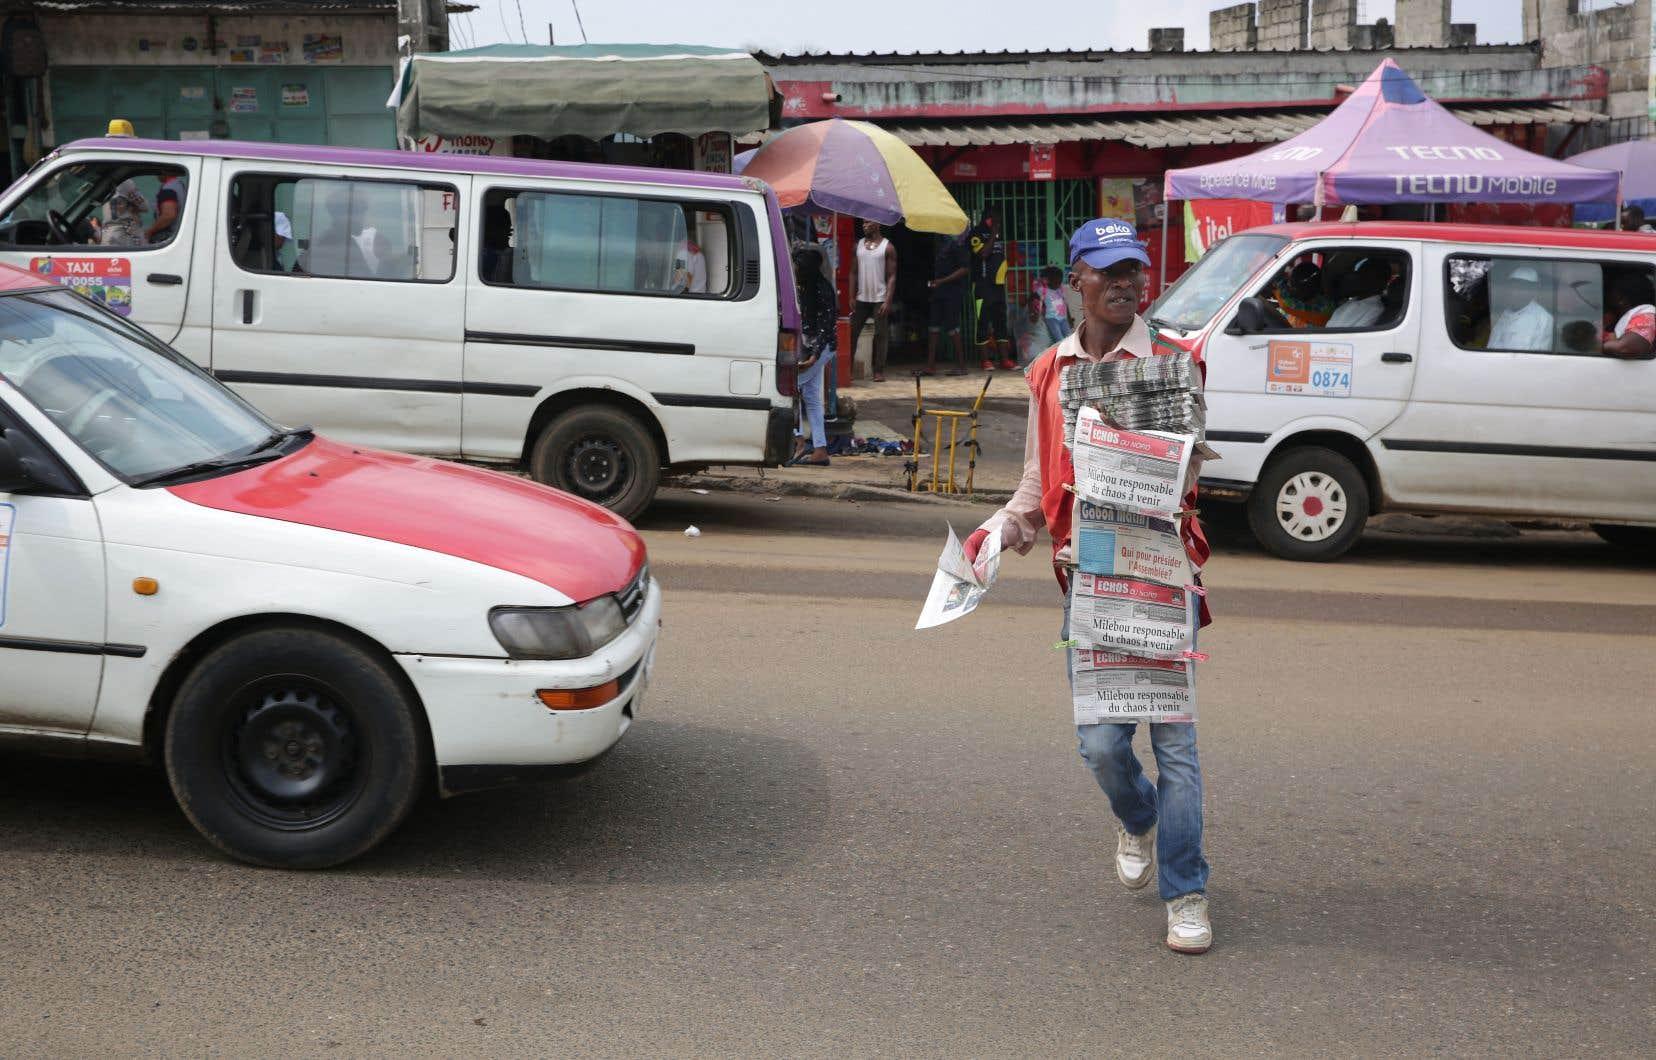 Cloîtrés chez eux, les Librevillois n'ont pu lundi s'en remettre qu'aux chaînes de télévision étrangères, la télévision d'État ayant été coupée dès lundi matin comme l'accès à Internet.